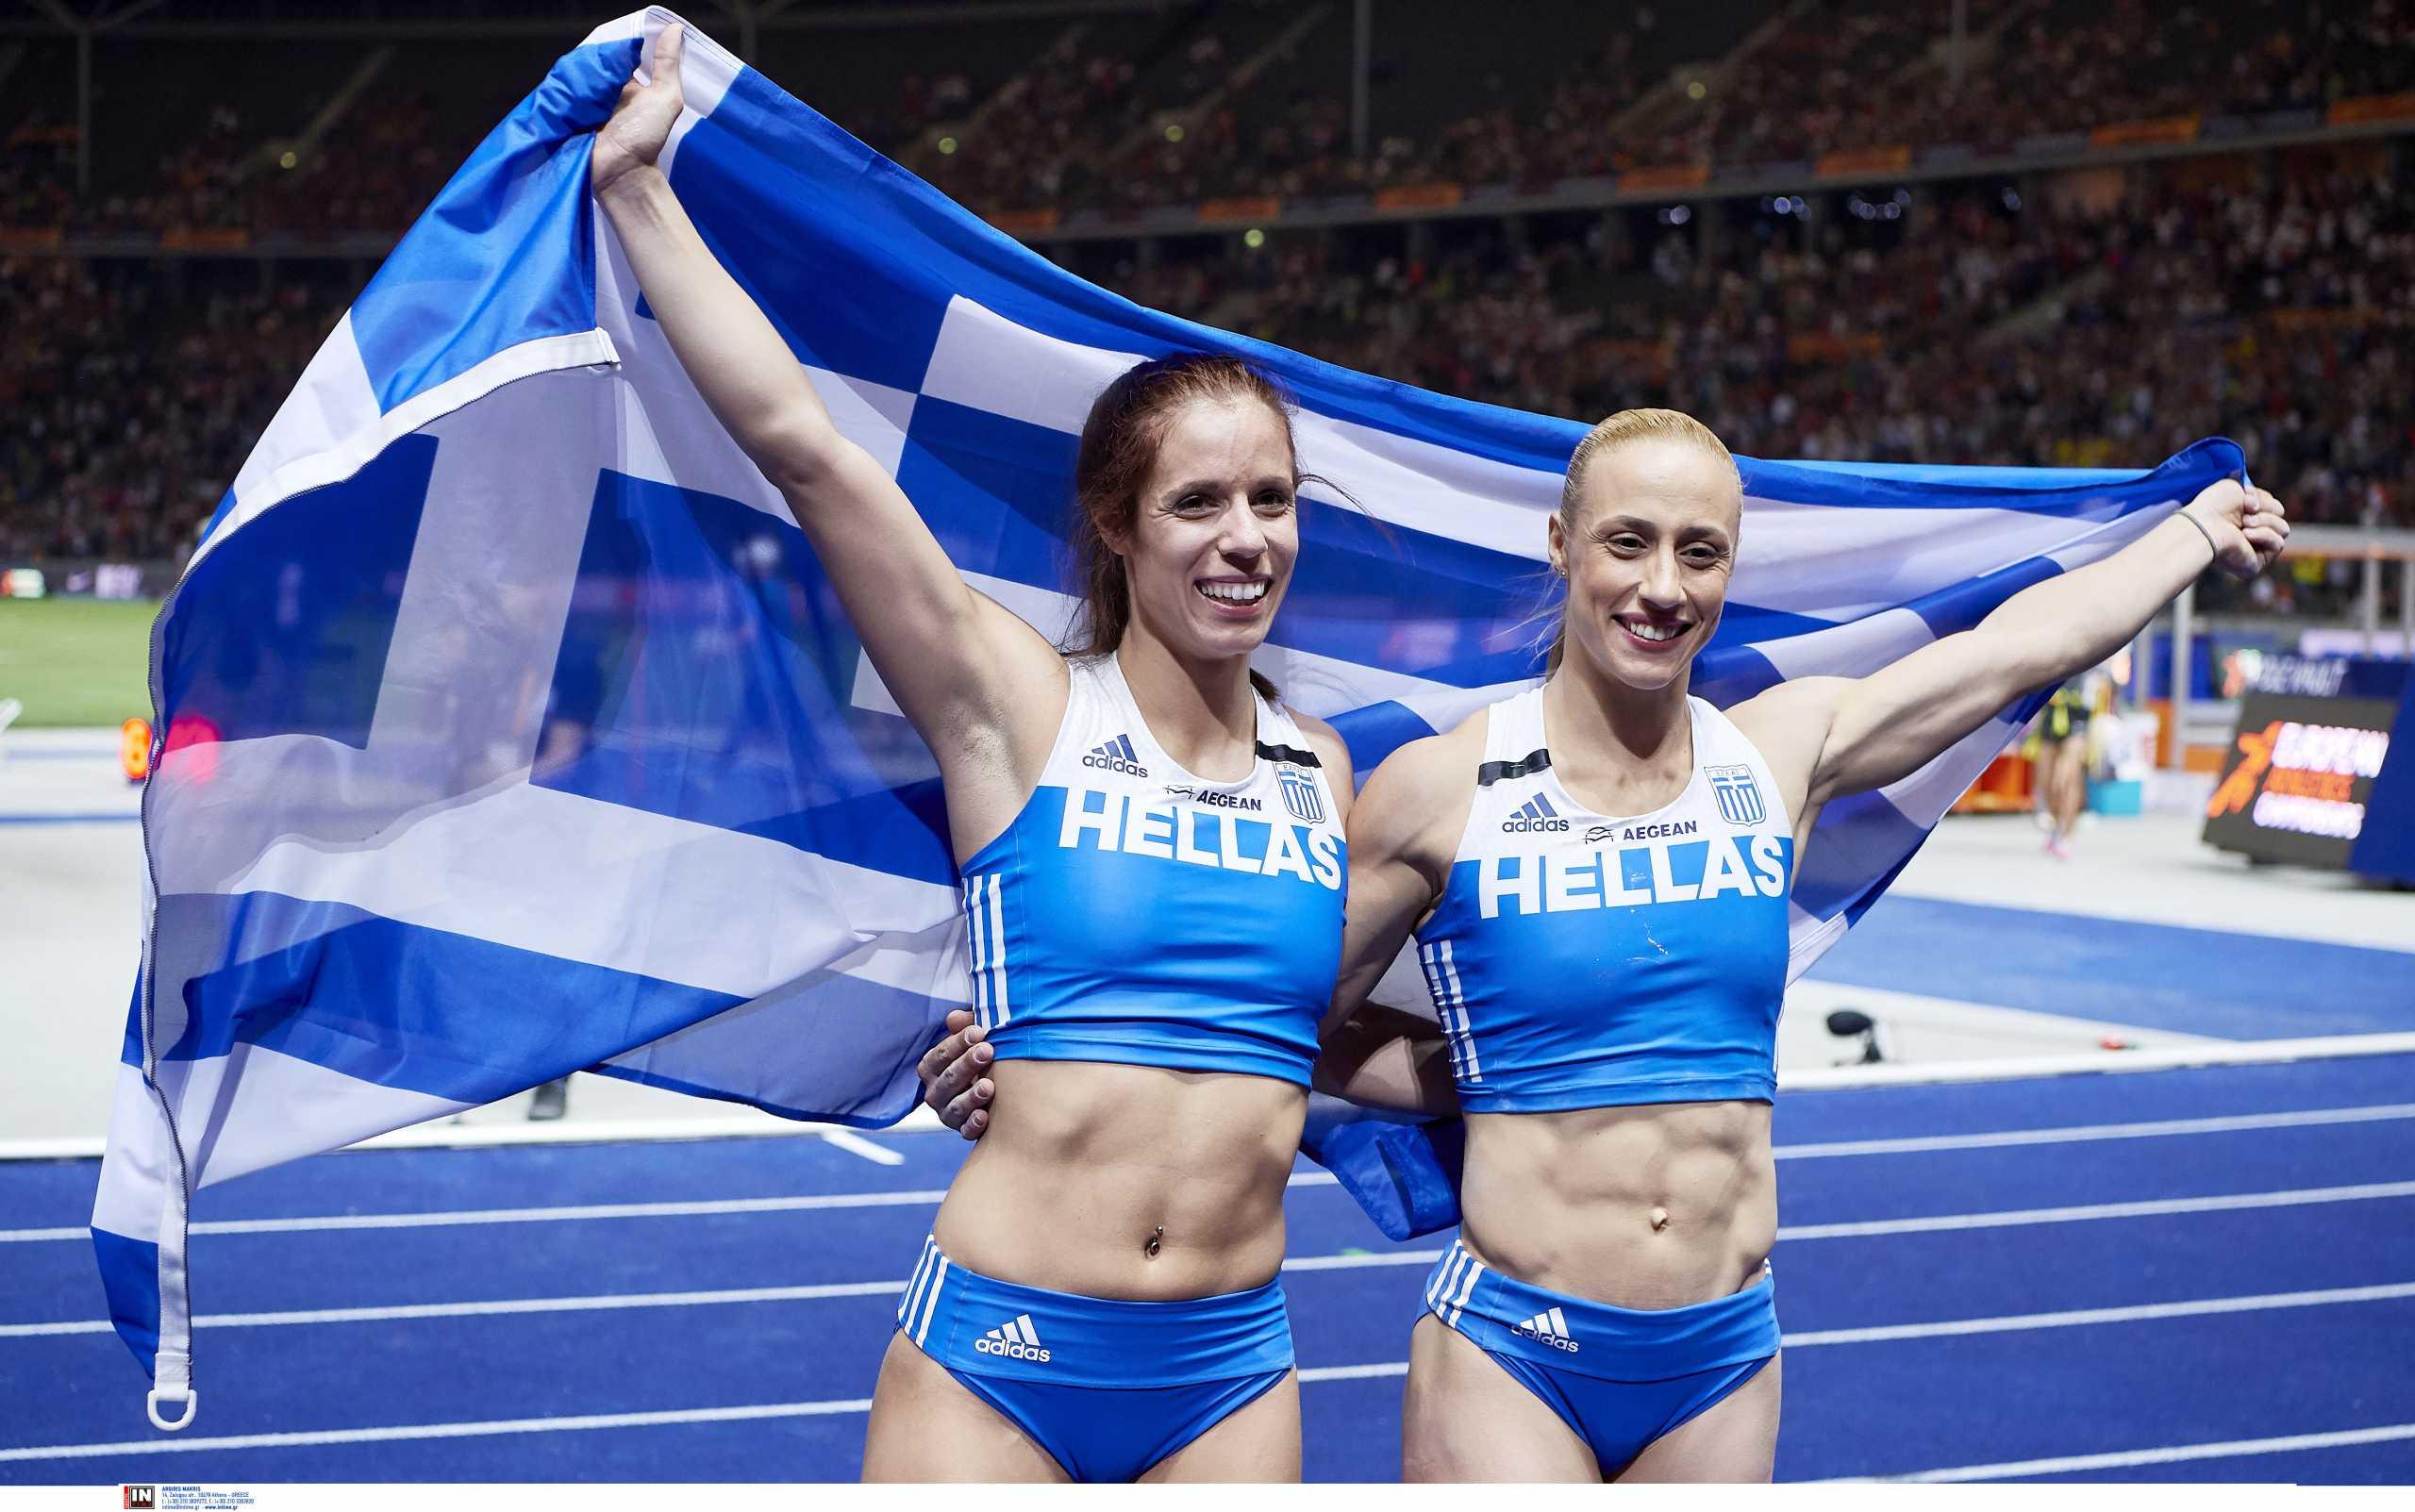 Κατερίνα Στεφανίδη – Νικόλ Κυριακοπούλου LIVE ο τελικός του επί κοντώ στους Ολυμπιακούς Αγώνες